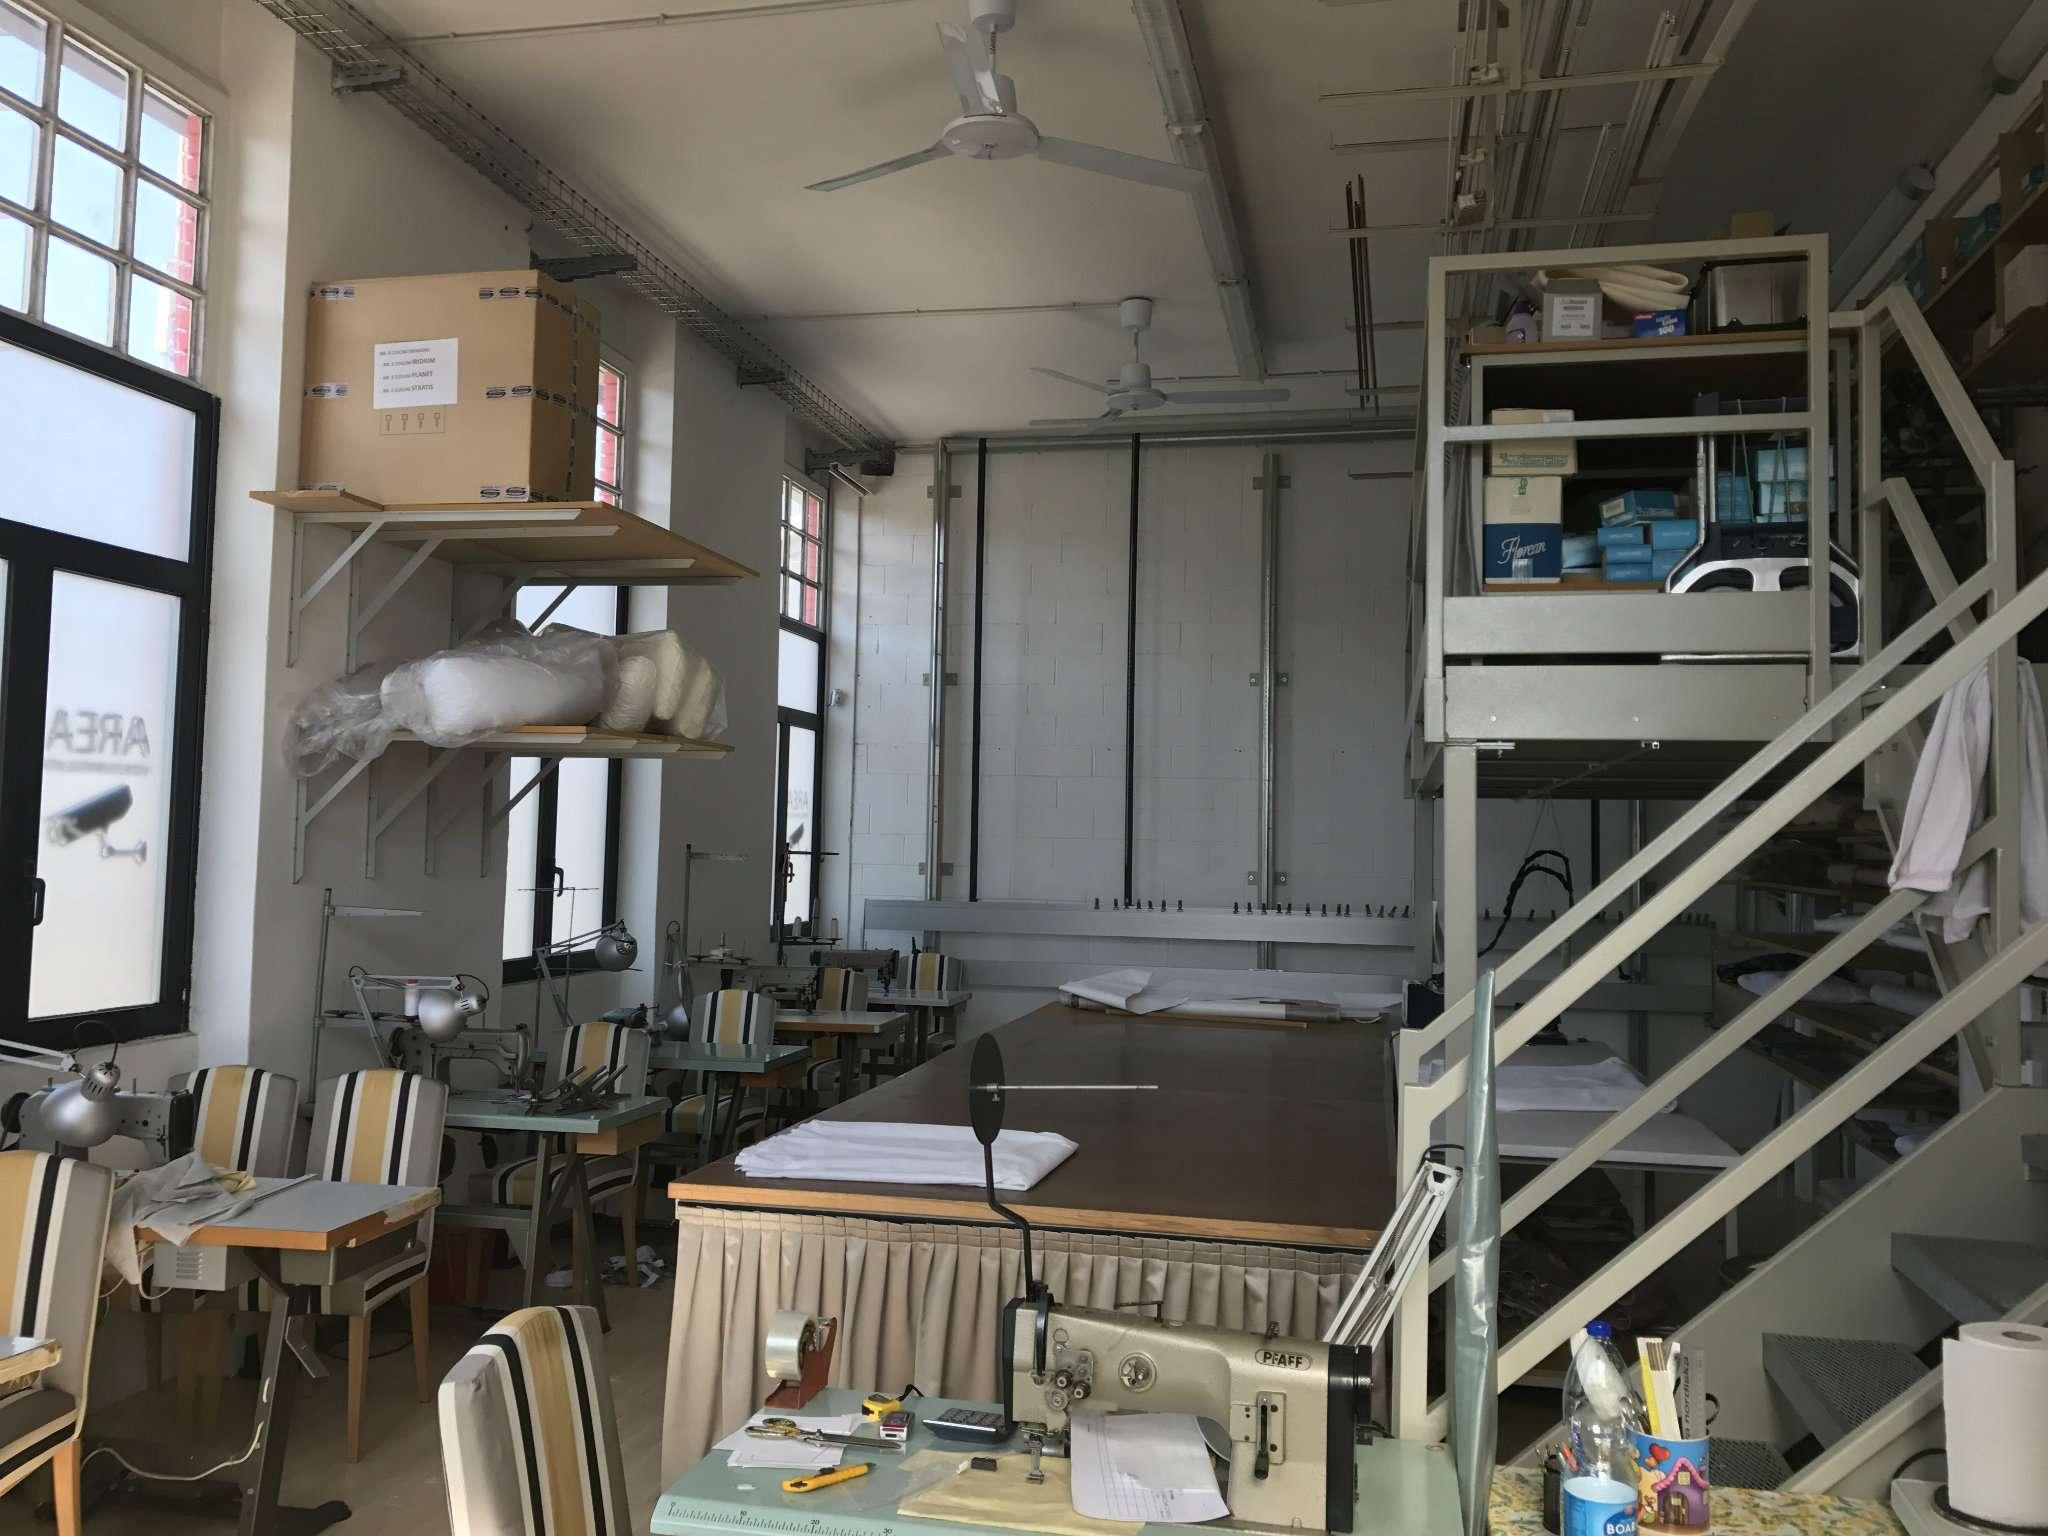 Laboratorio in vendita a Agrate Brianza, 5 locali, prezzo € 215.000 | CambioCasa.it